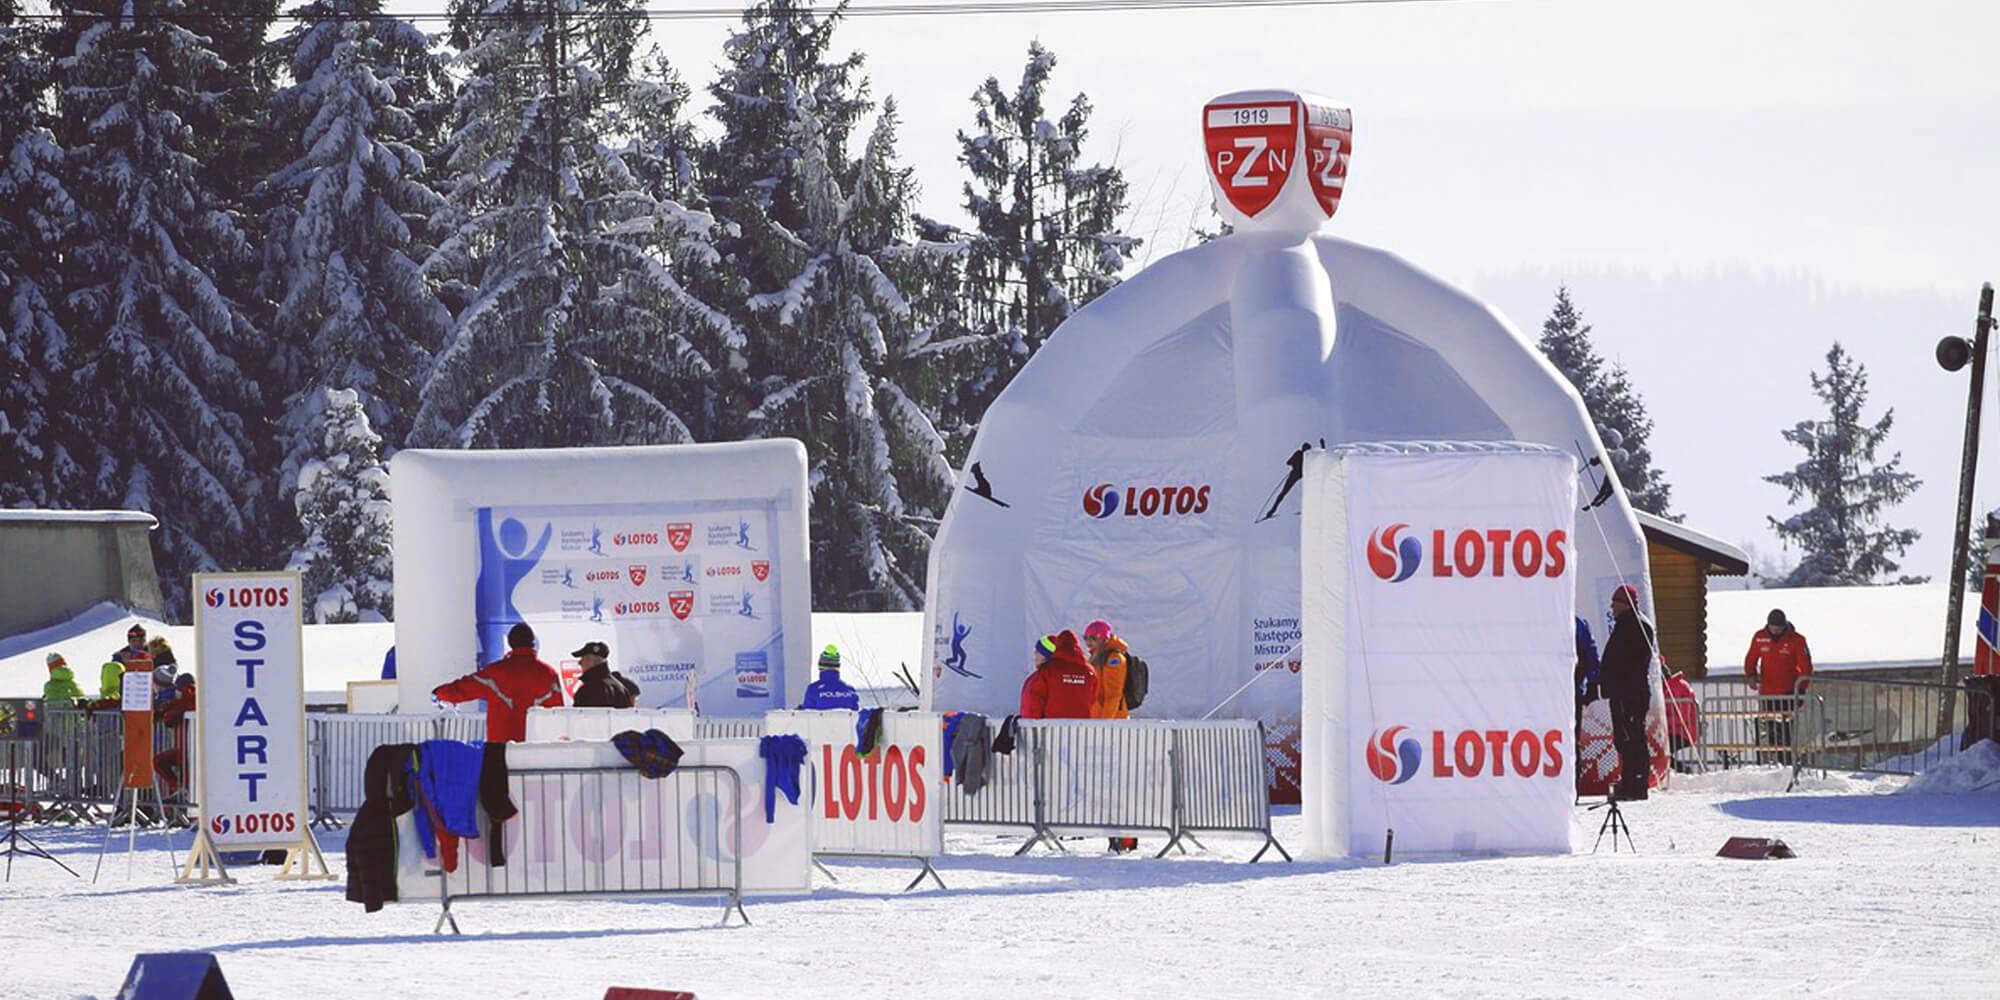 Namiot reklamowy z elementem 3D w zimowych warunkach.